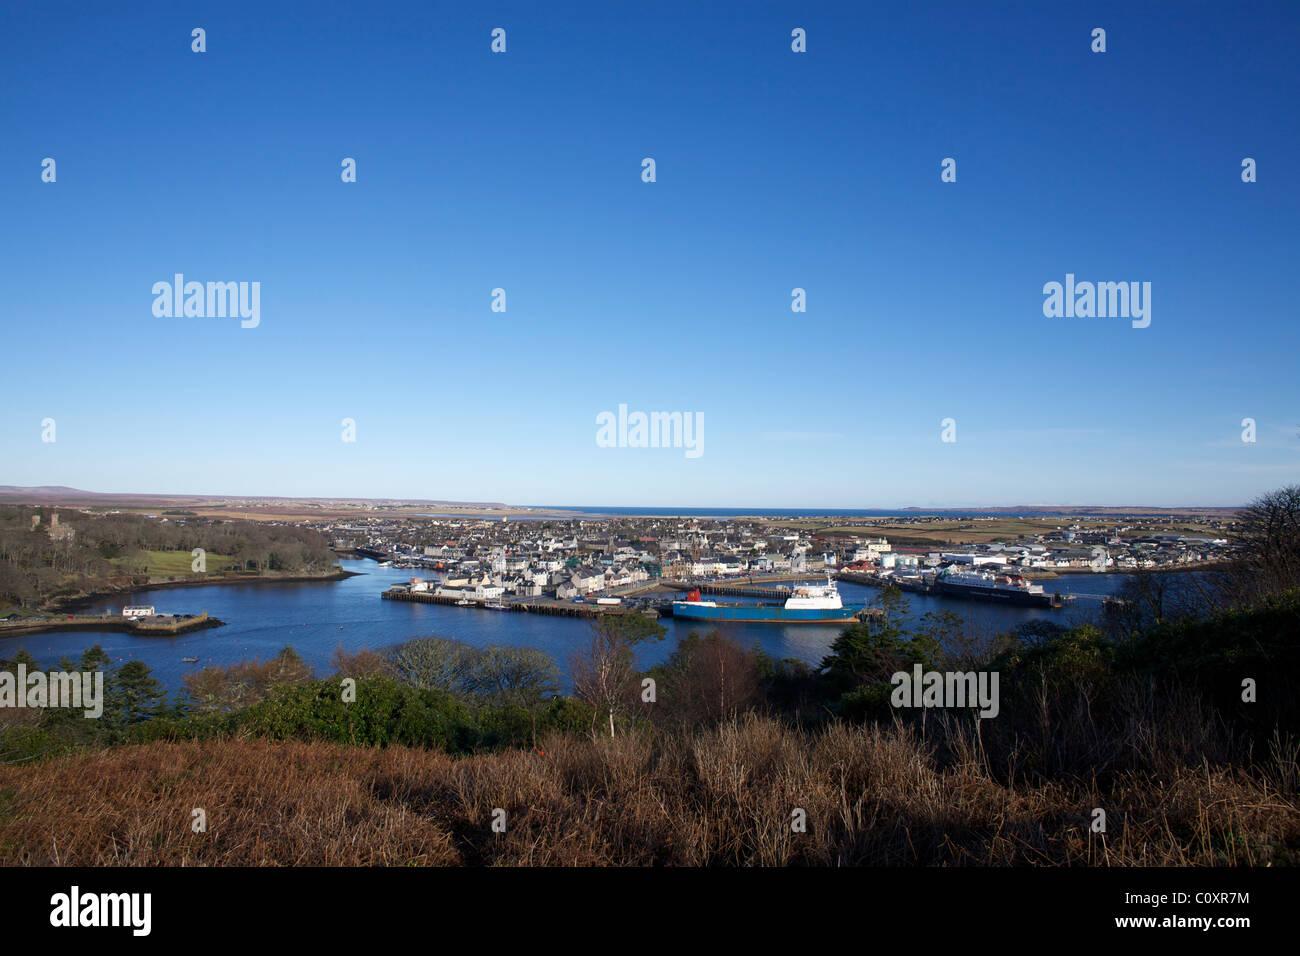 Stornoway, Isle of Lewis. - Stock Image